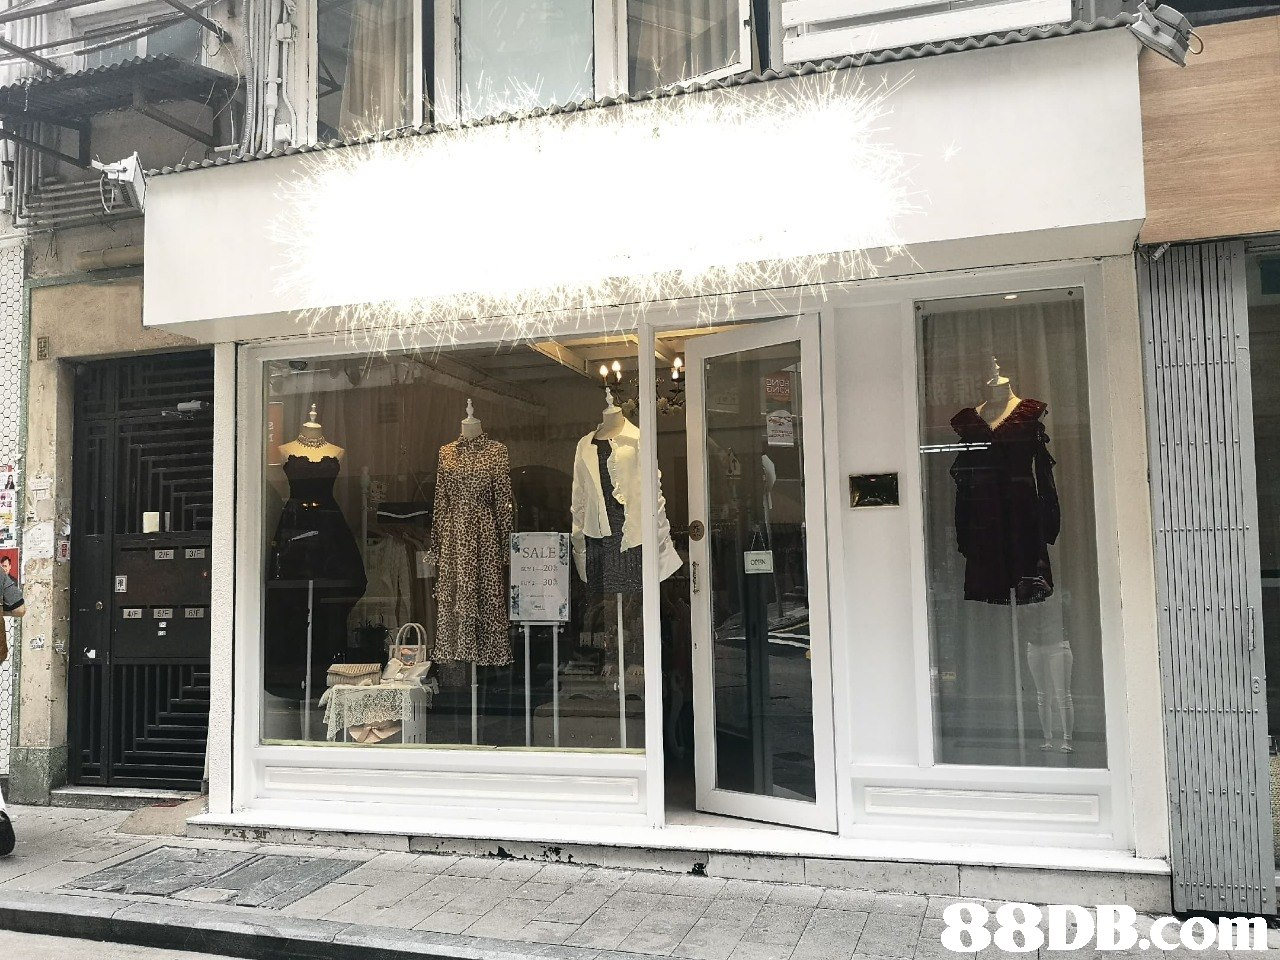 SALE   Boutique,Building,Display window,Facade,Window